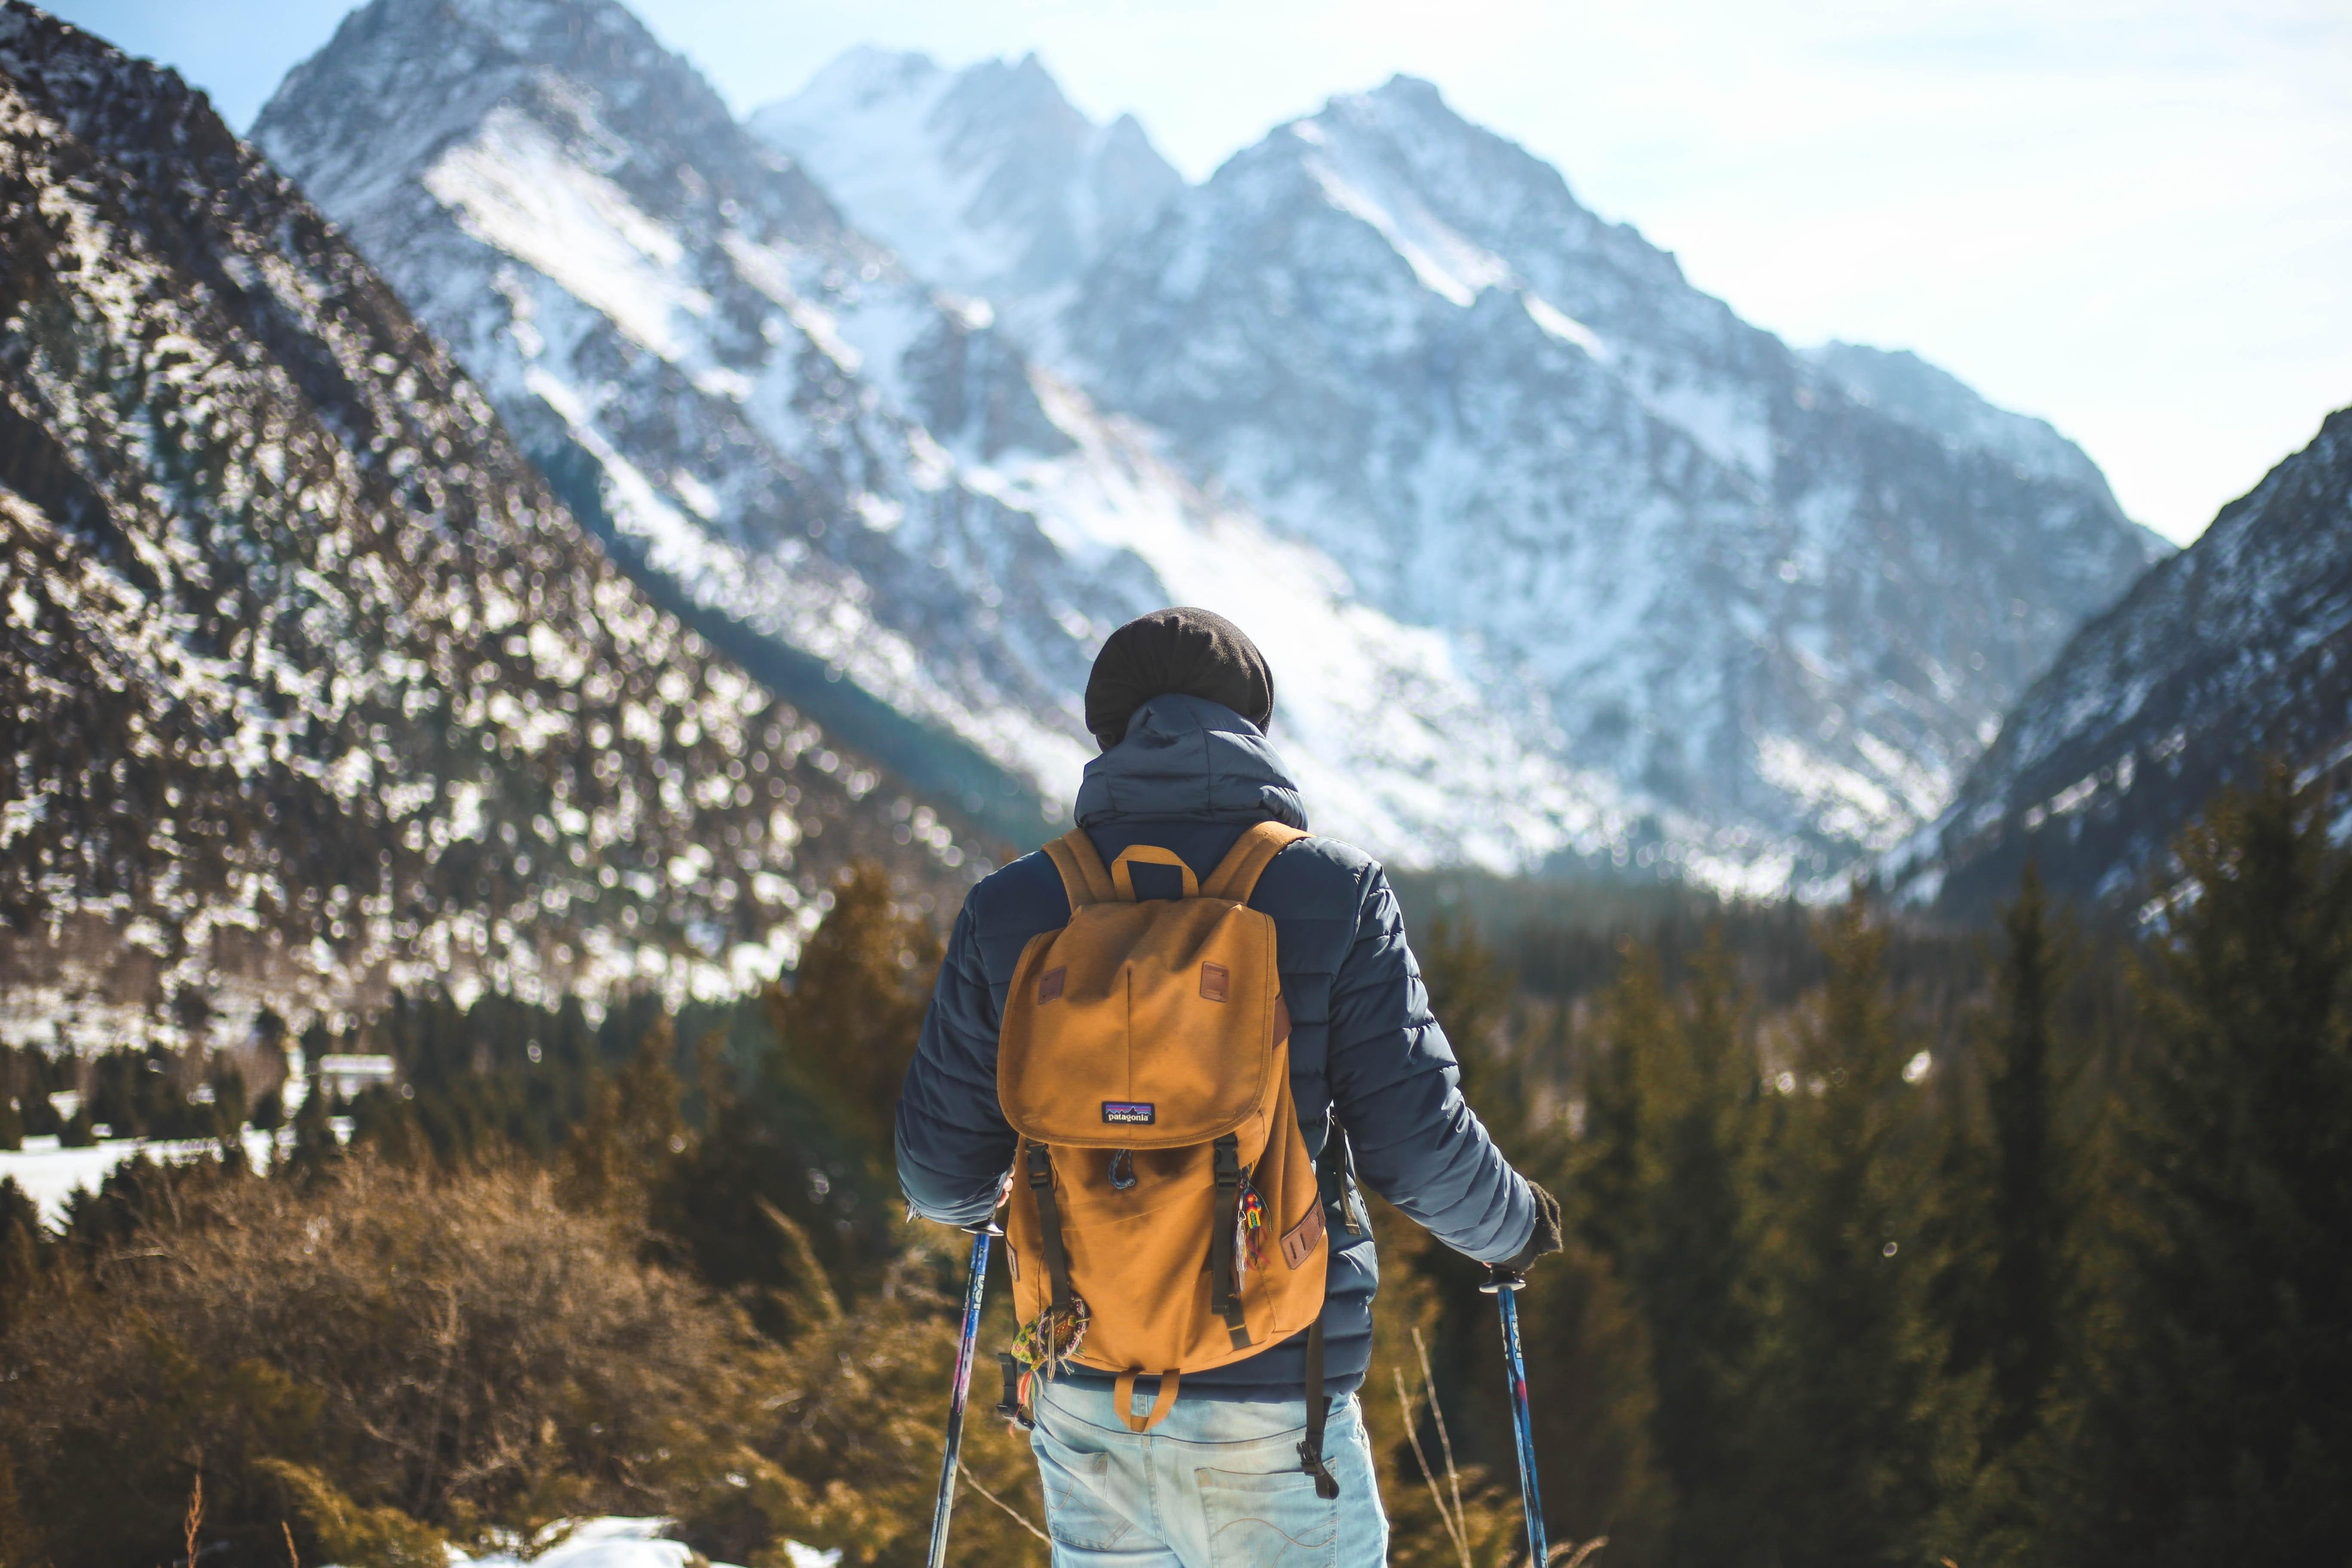 ▲爬山,登山,運動,戶外運動。(圖/取自免費圖庫Pixabay)